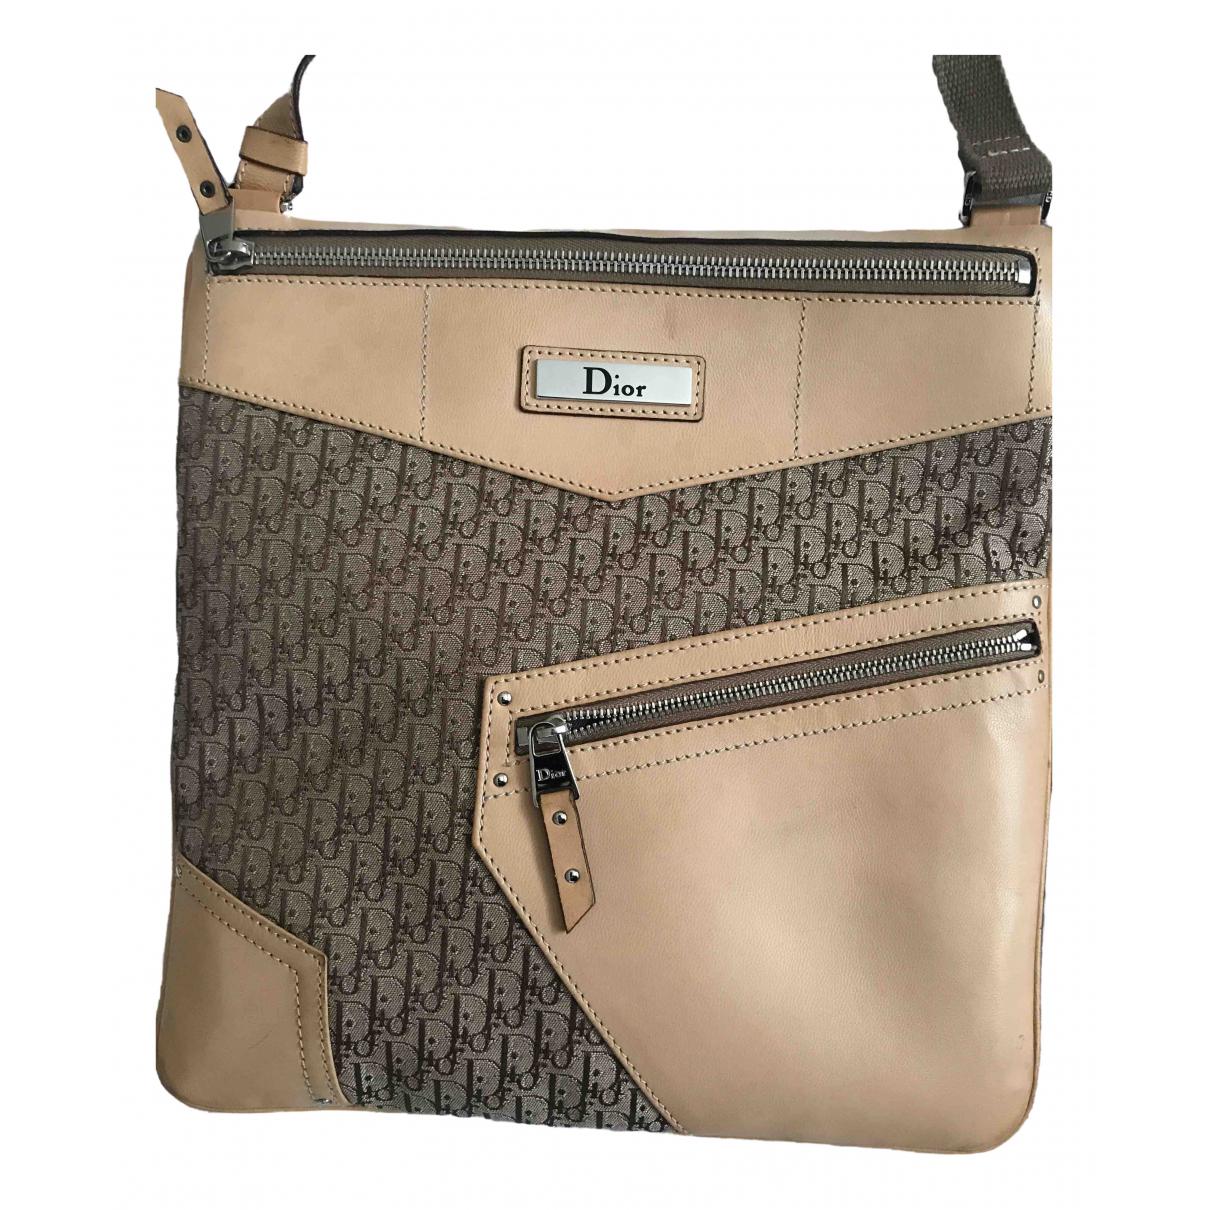 Dior \N Handtasche in  Kamel Leinen